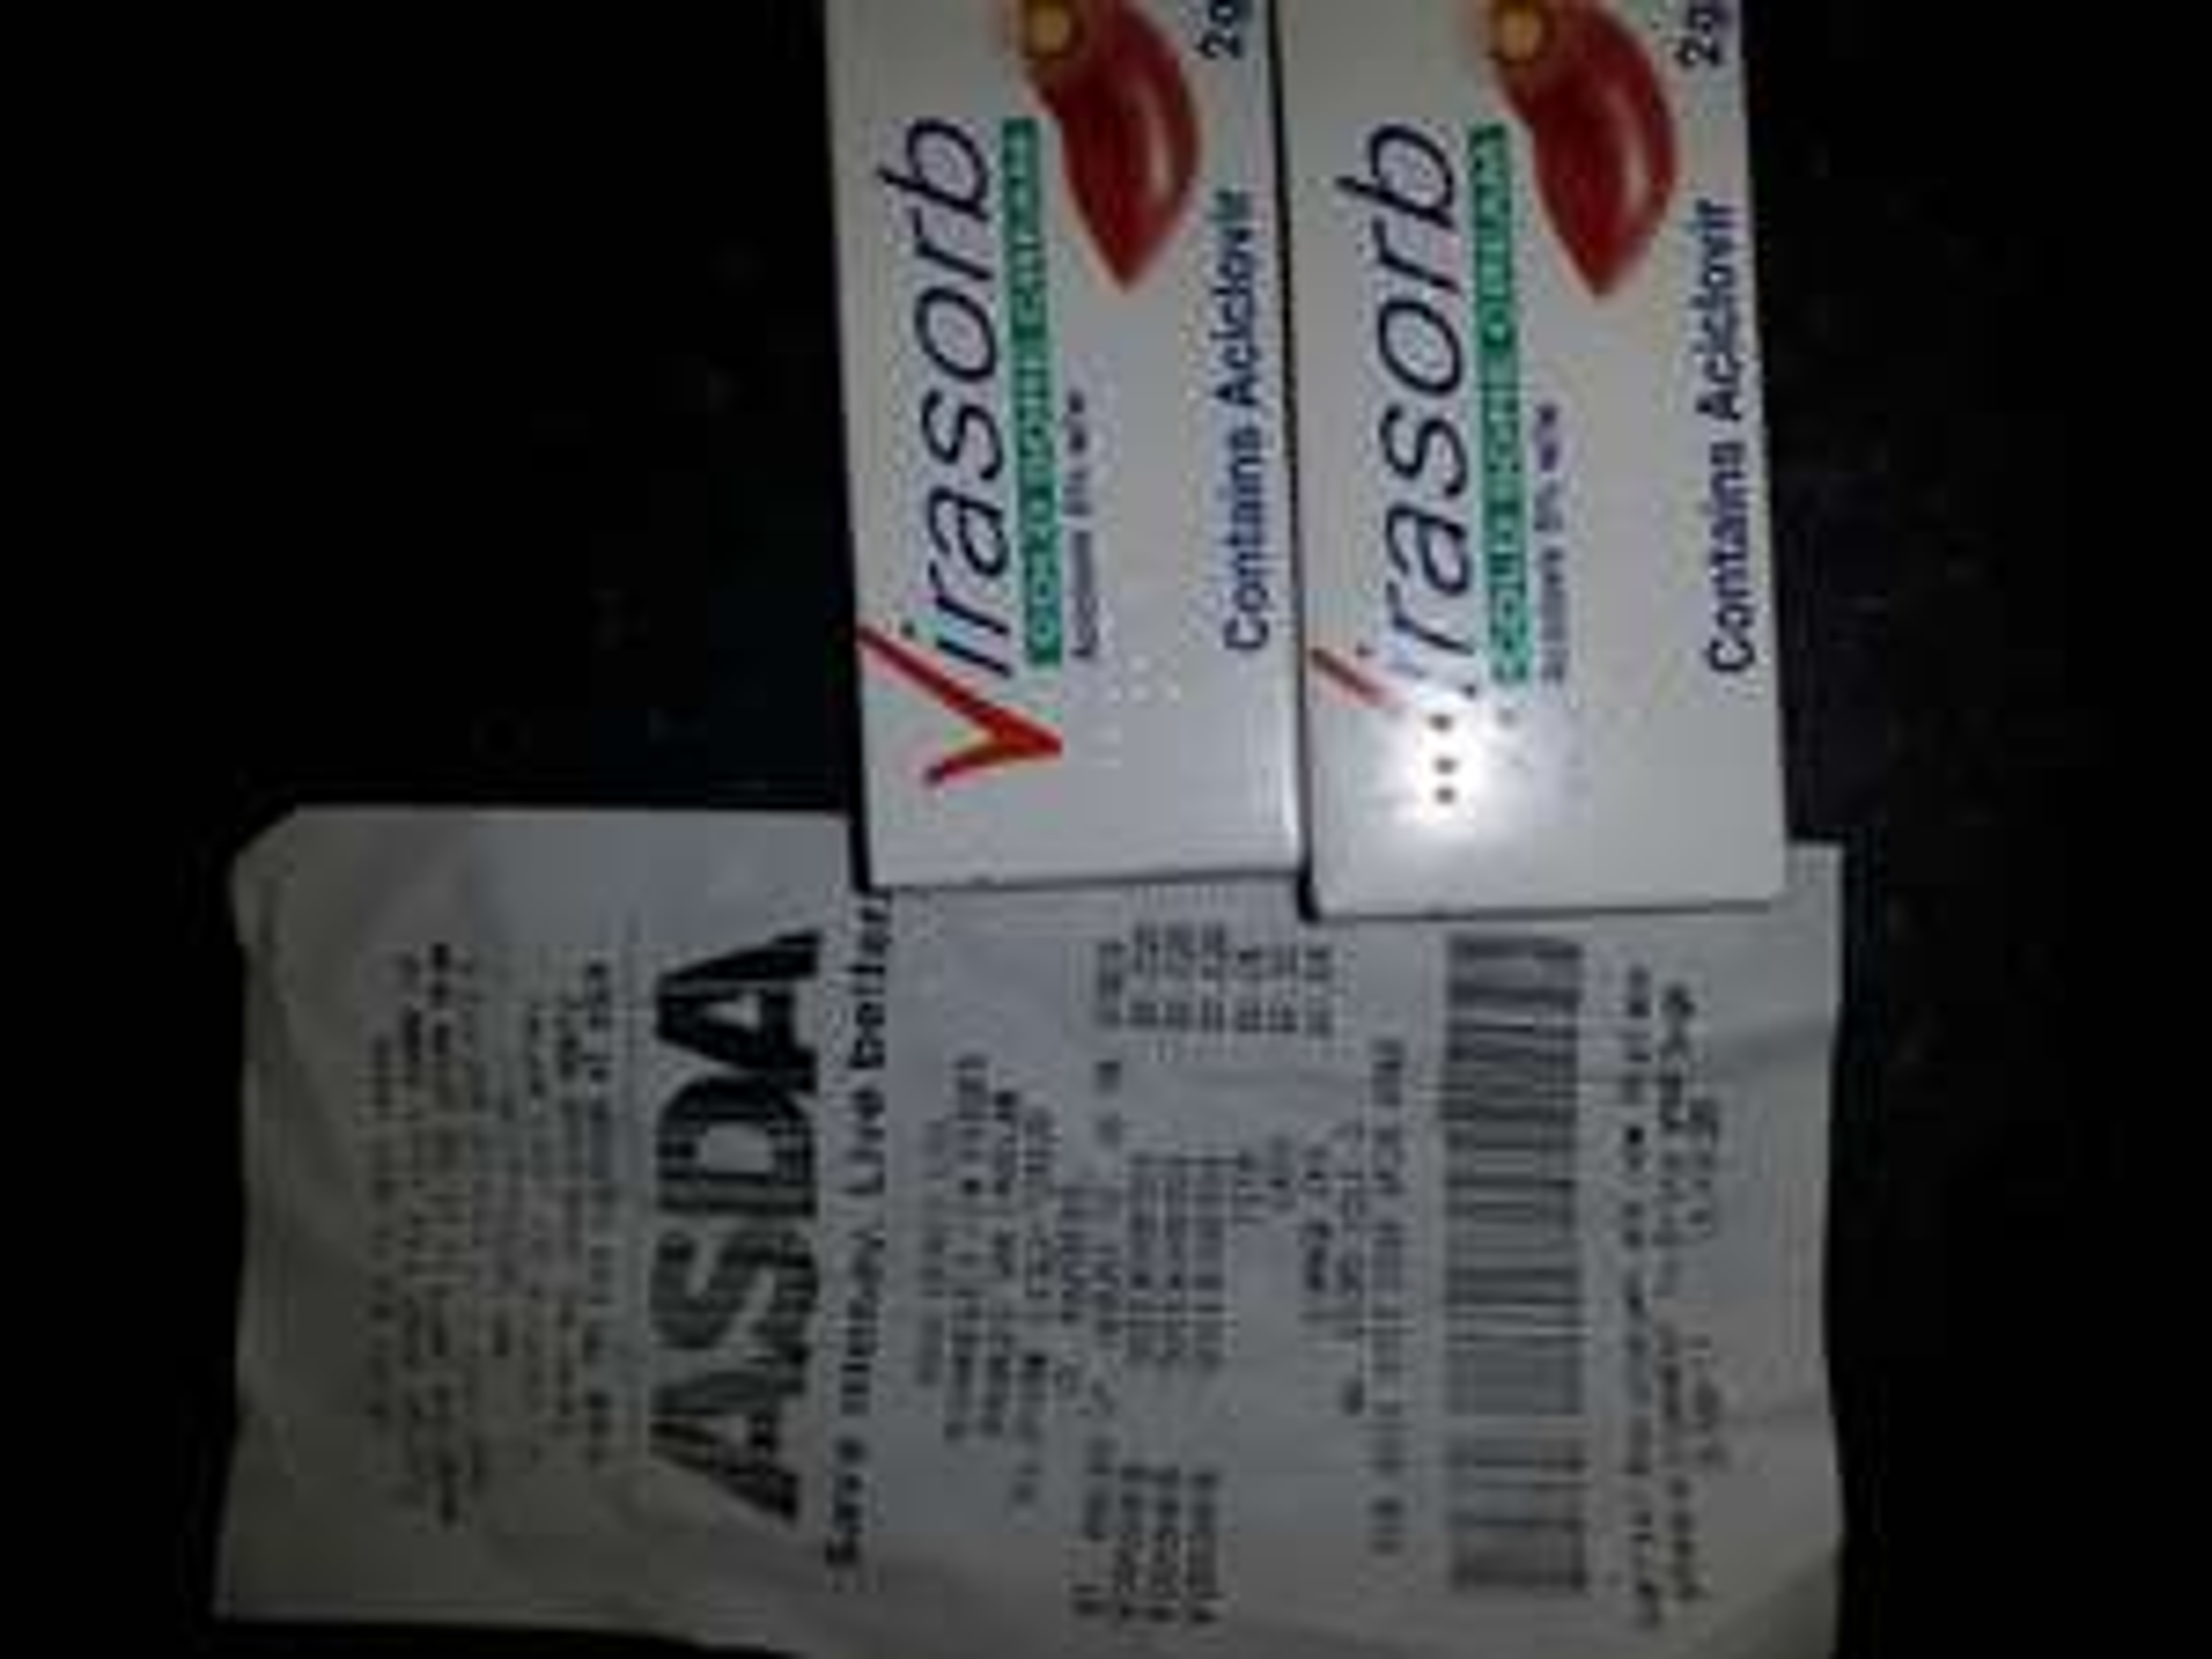 Virasorb cold sore cream 2p @ Asda Walsall